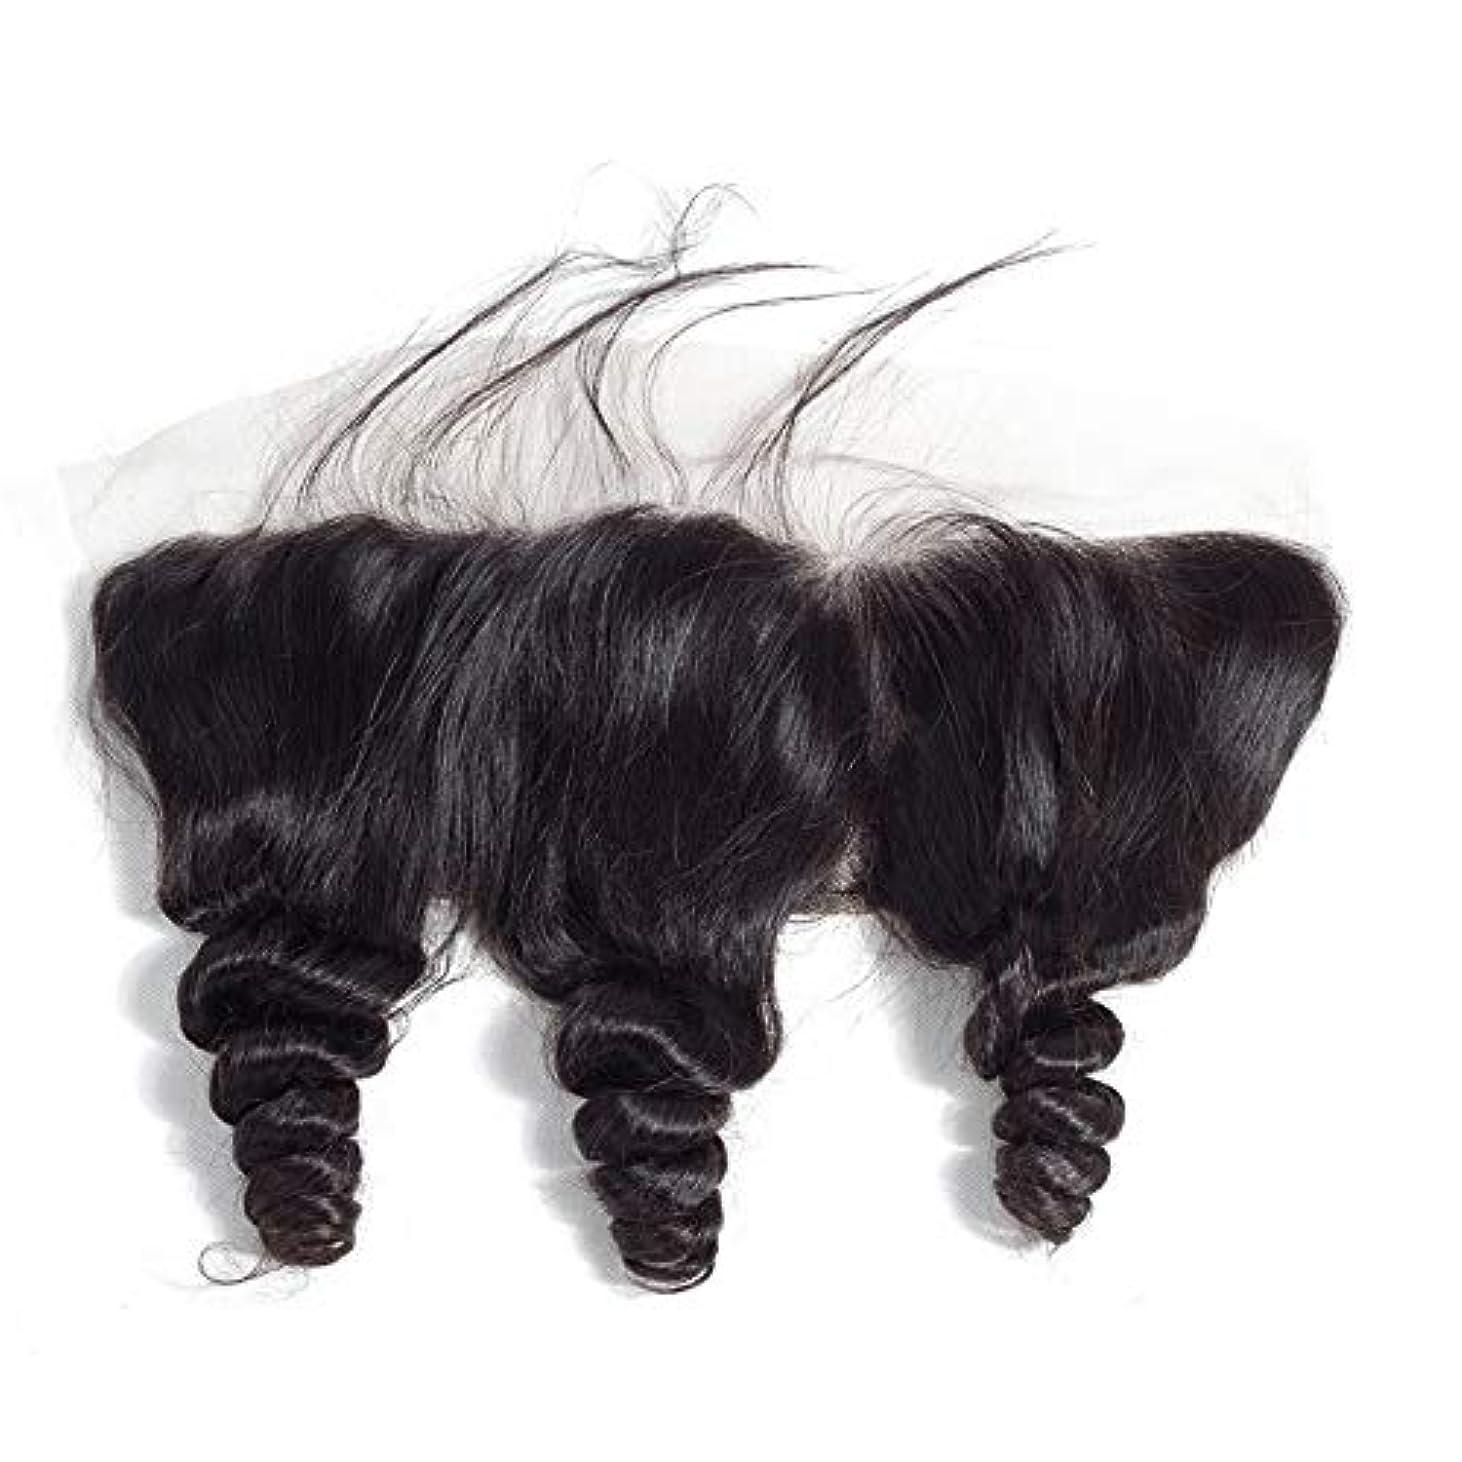 意識的認知頑丈WASAIO 無料パートレースフロンタル閉鎖ルーズウェーブヘアエクステンションクリップのシームレスな髪型ブラジルのバージン人間13「X4」トップリアルセンブランス (色 : 黒, サイズ : 20inch)